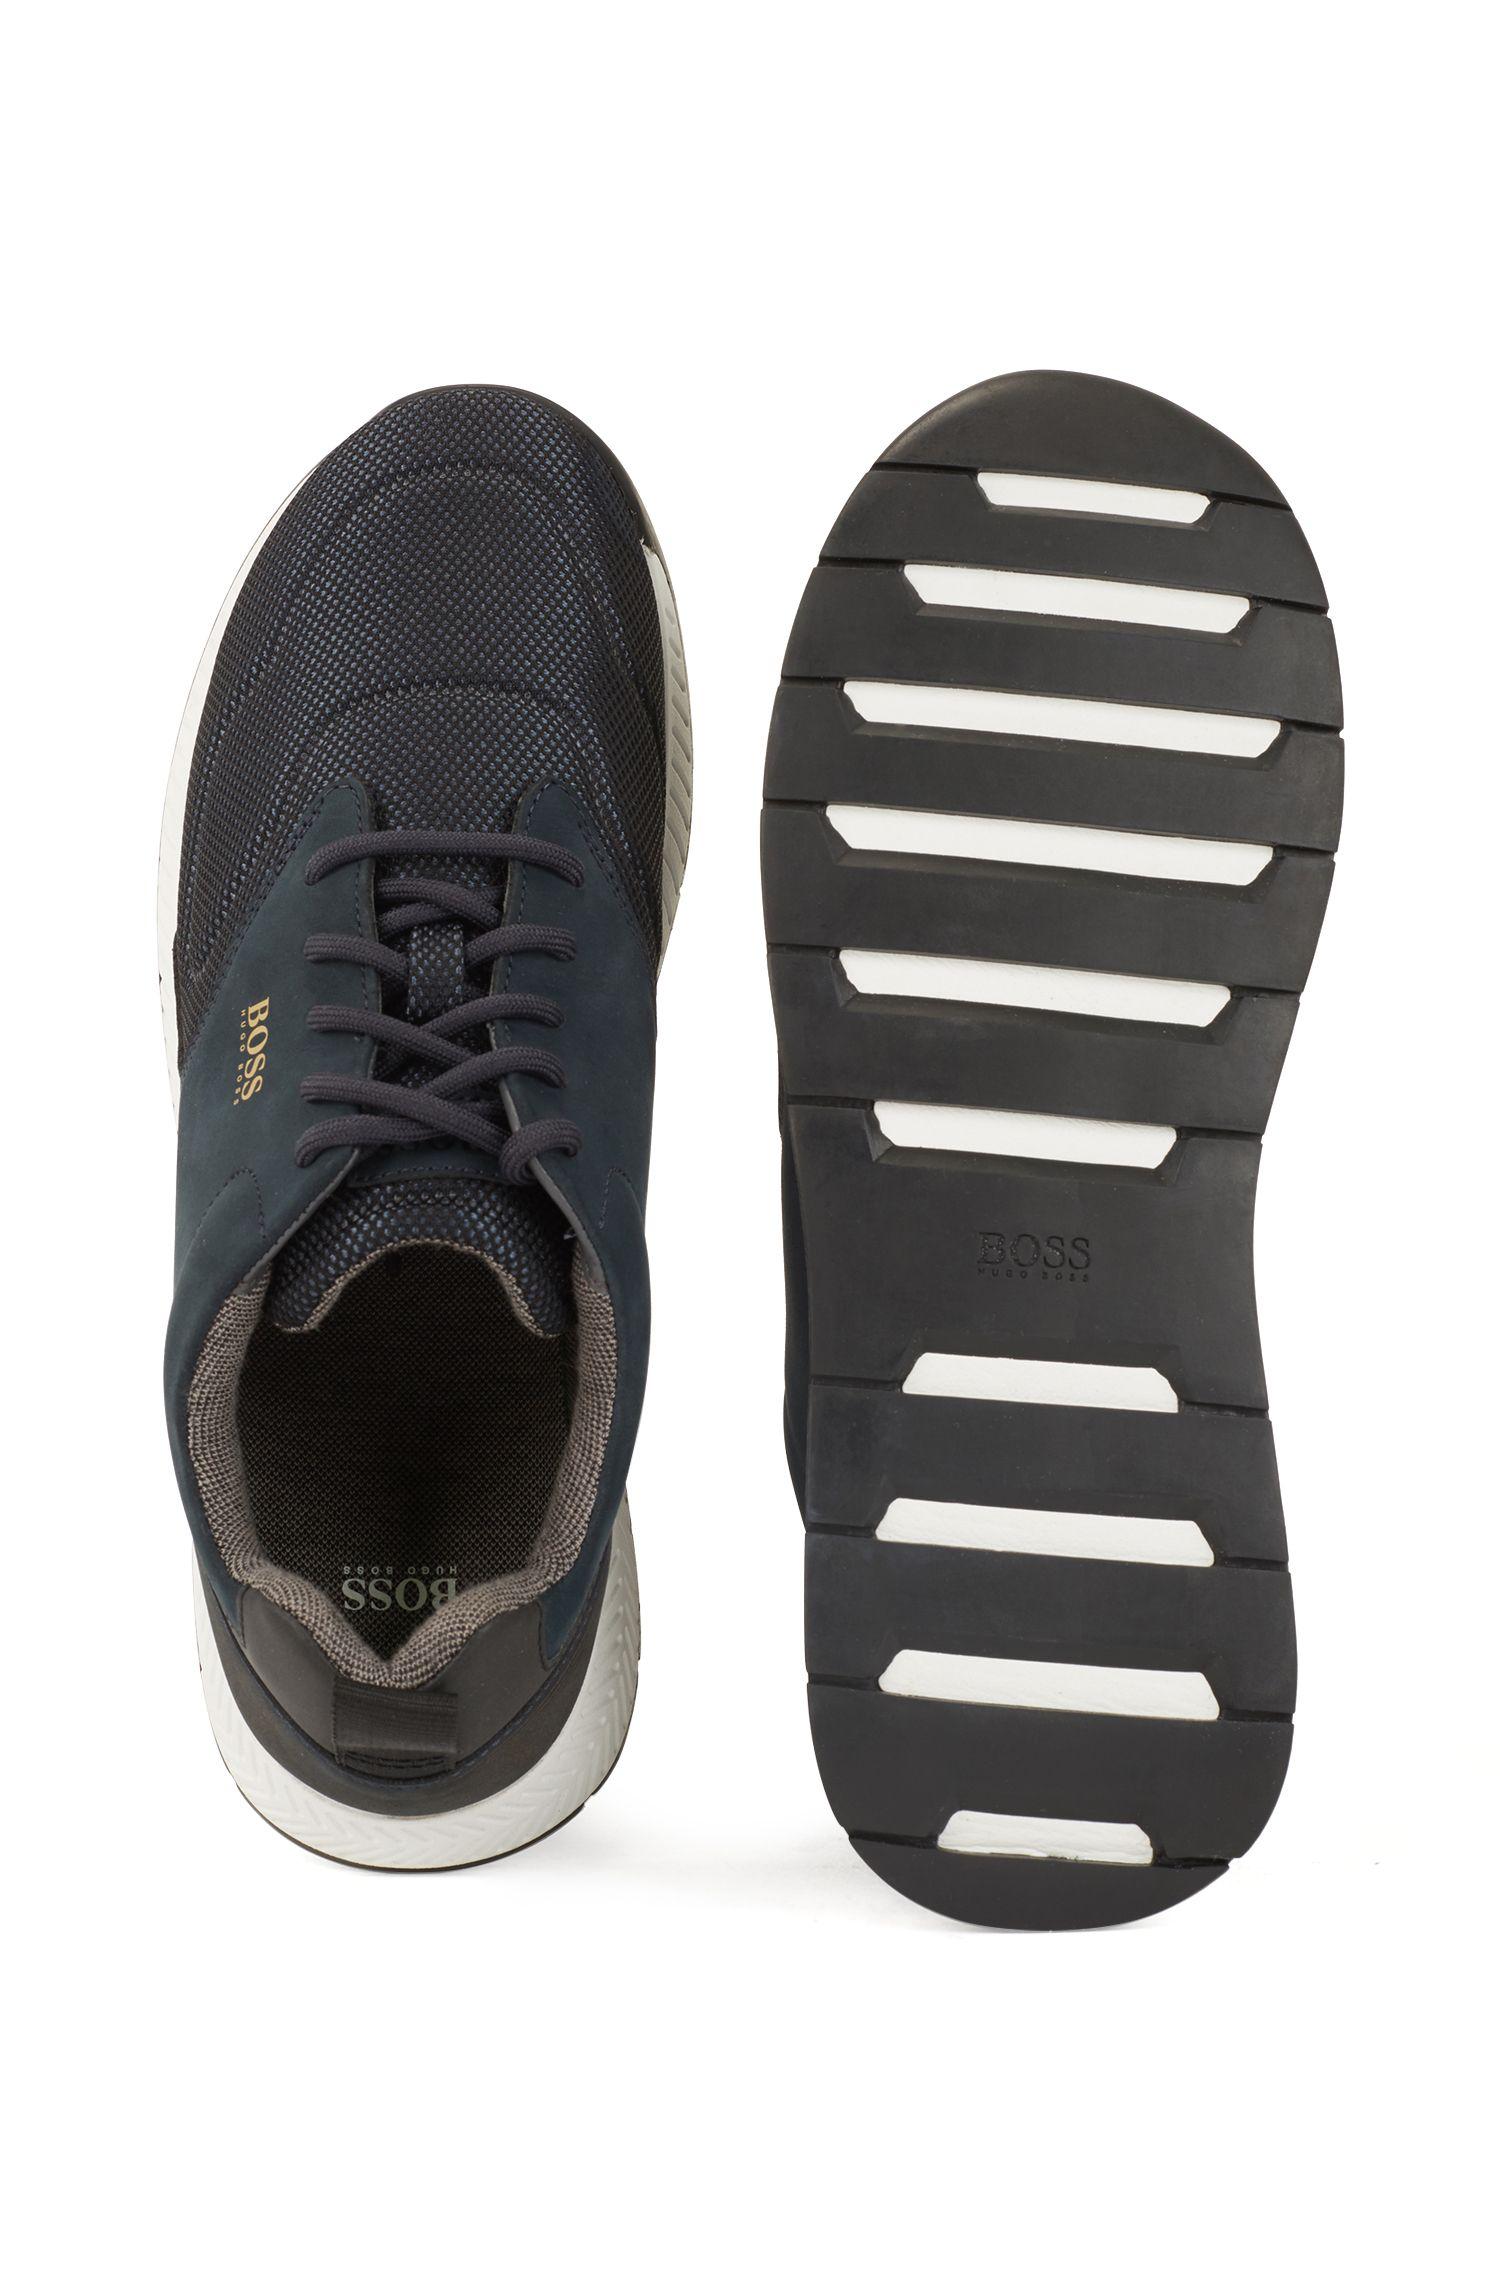 Baskets en nubuck et tissu technique inspirées des chaussures de course, Bleu foncé